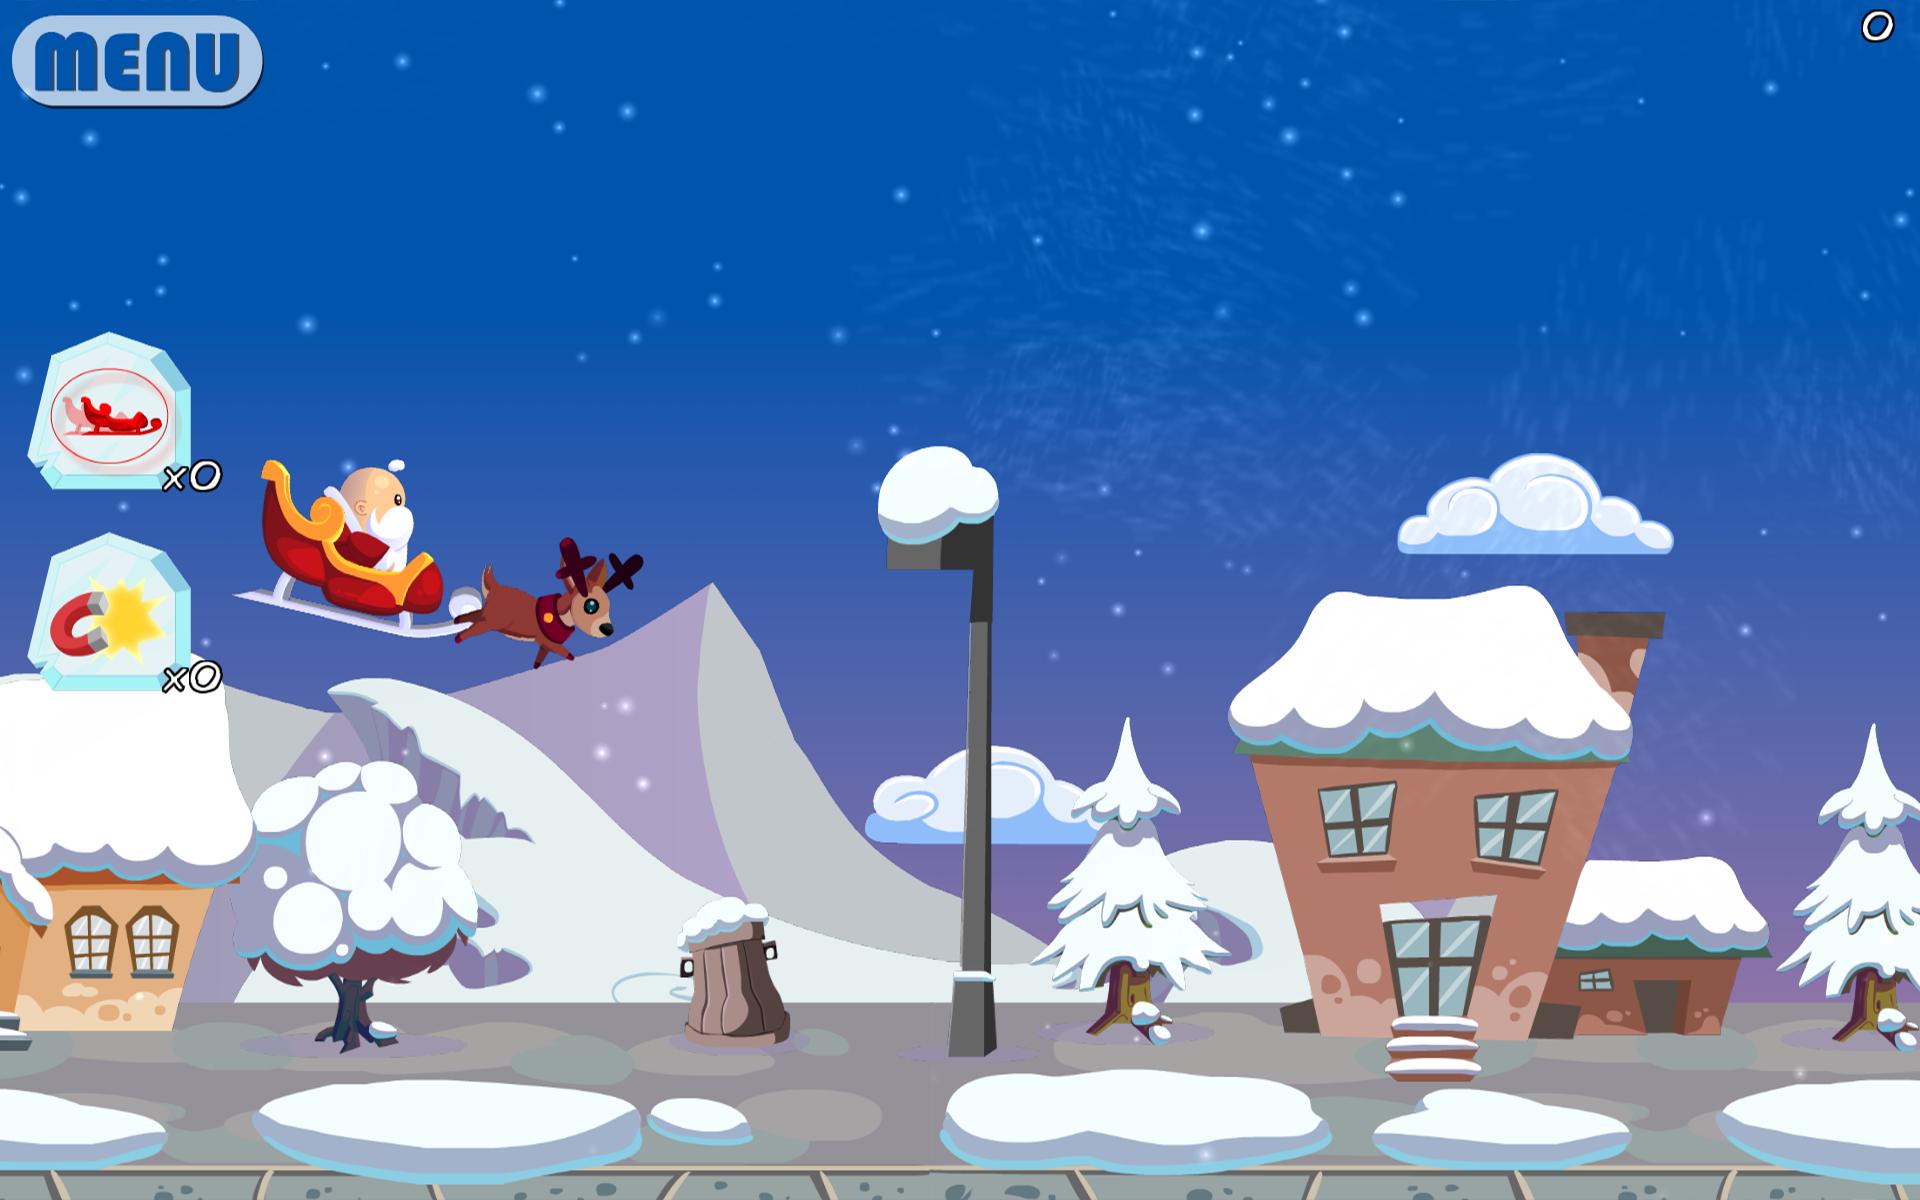 圣诞雪地电脑版截图2